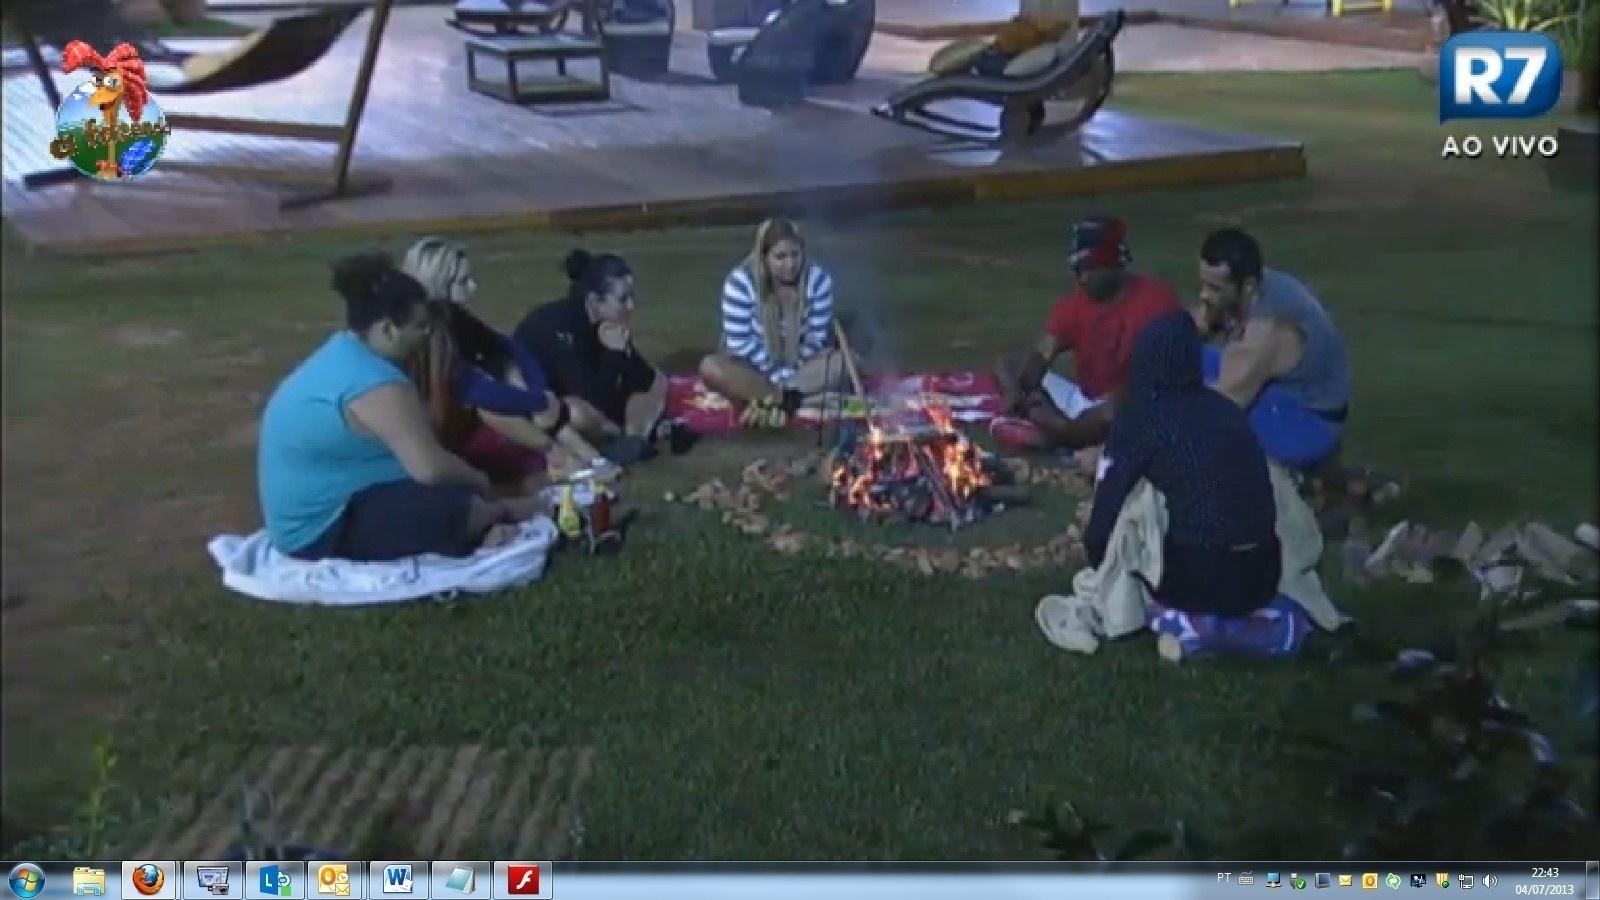 4.jul.2013 - Sem água encanada, os peões assam linguiça na fogueira do lado de fora da casa